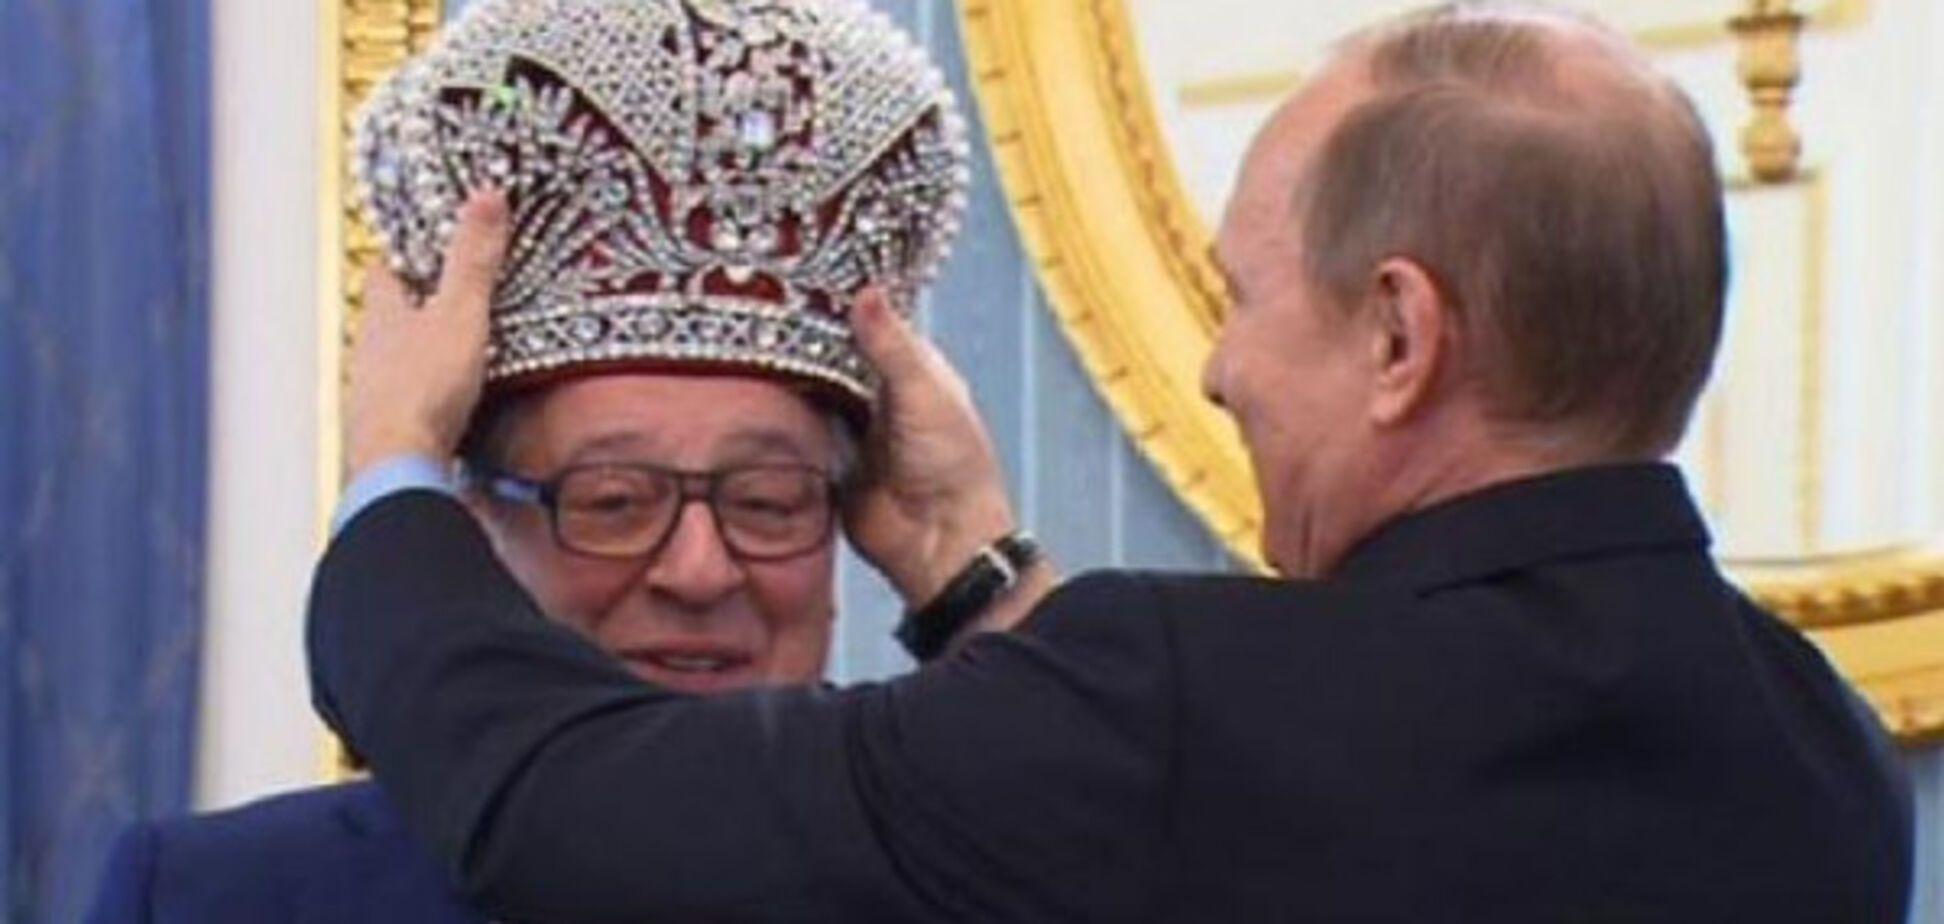 Геннадій Хазанов, Володимир Путін